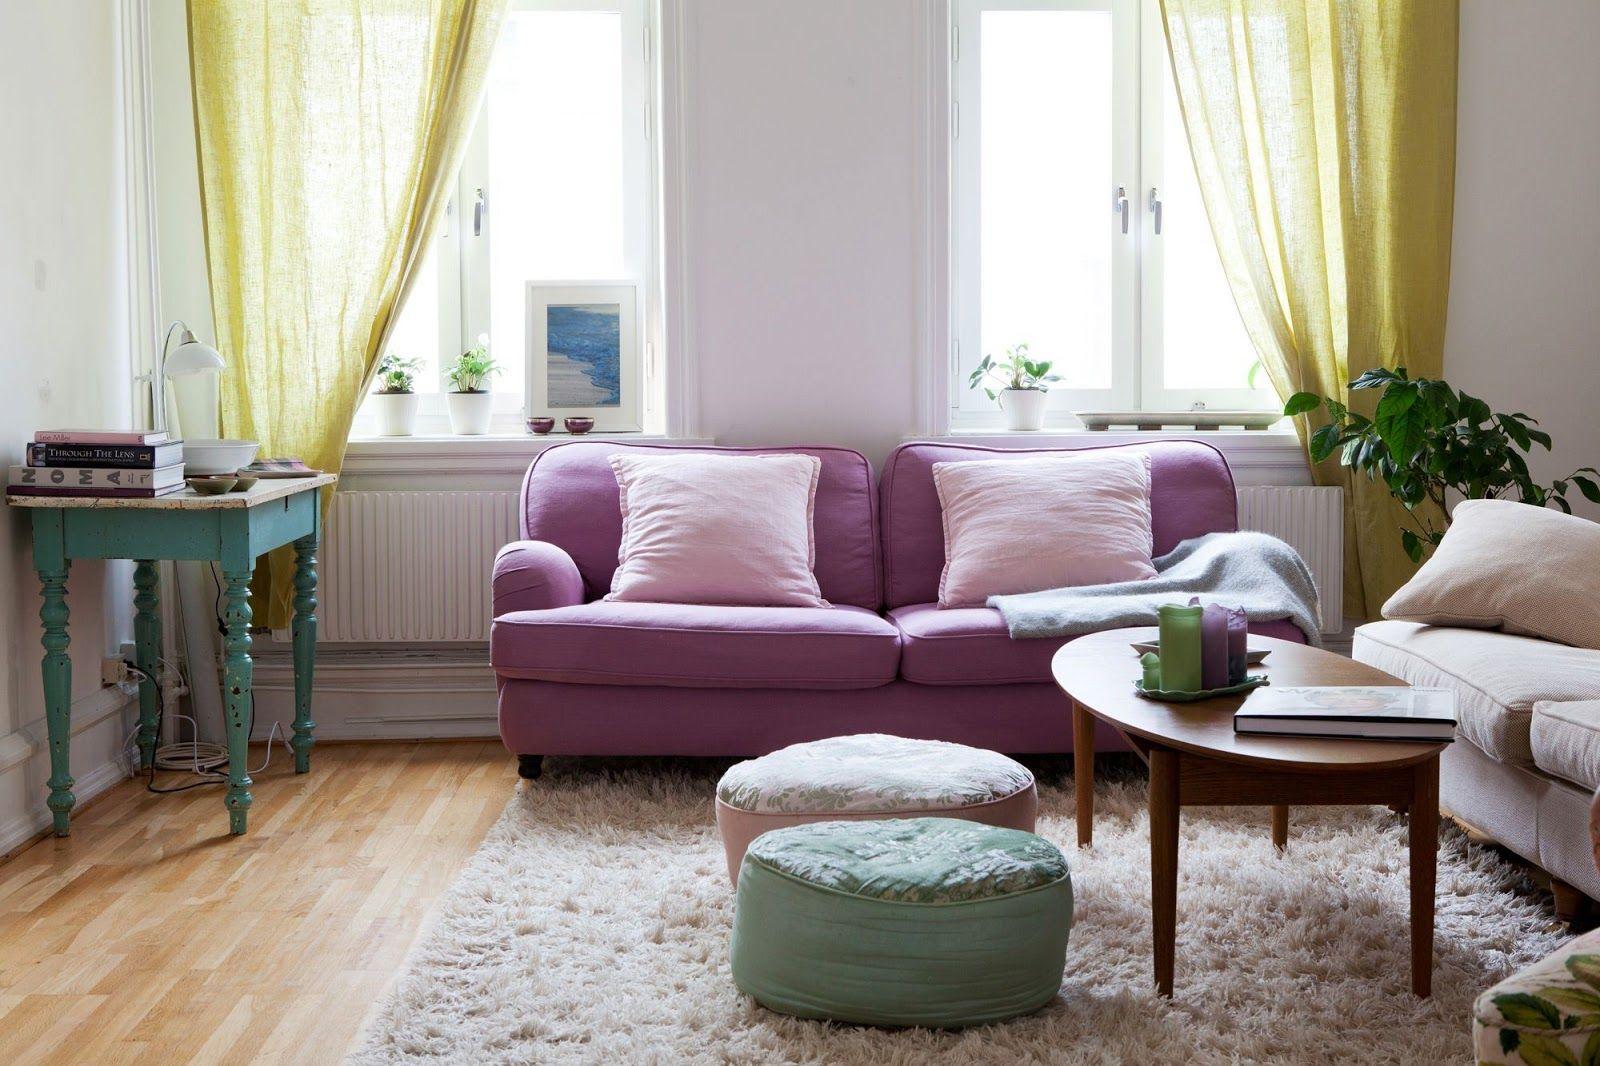 我們看到了。我們是生活@家。: 粉嫩色系,像是品嚐Macaron的甜美感